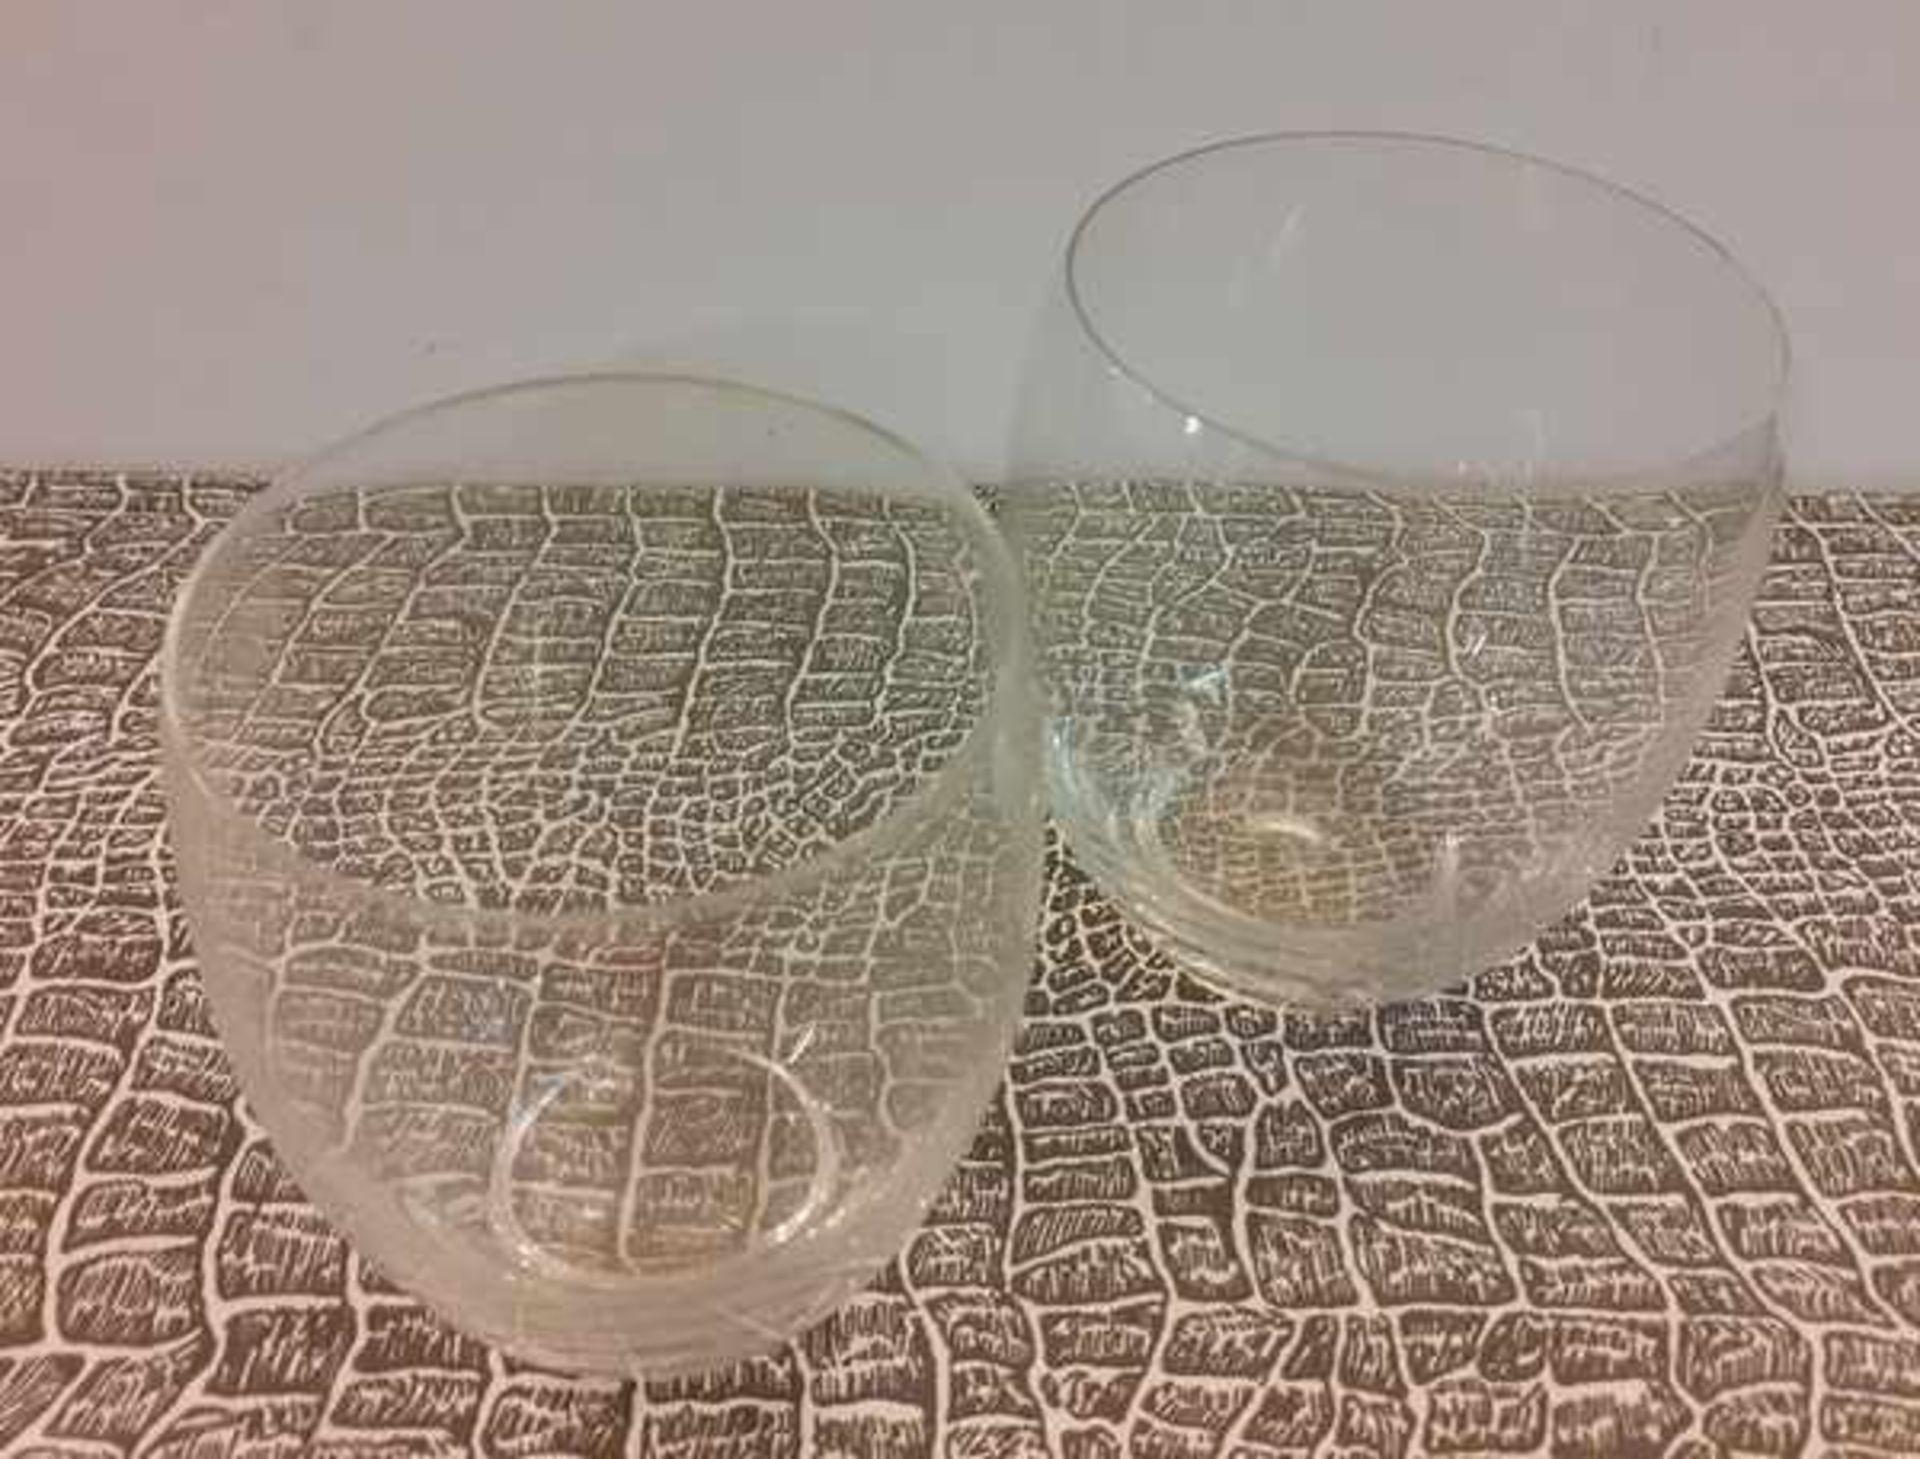 (Toegpaste kunst) Glazen schaaltjes en waterglazen, A.D. Copier Leerdam - Image 4 of 6